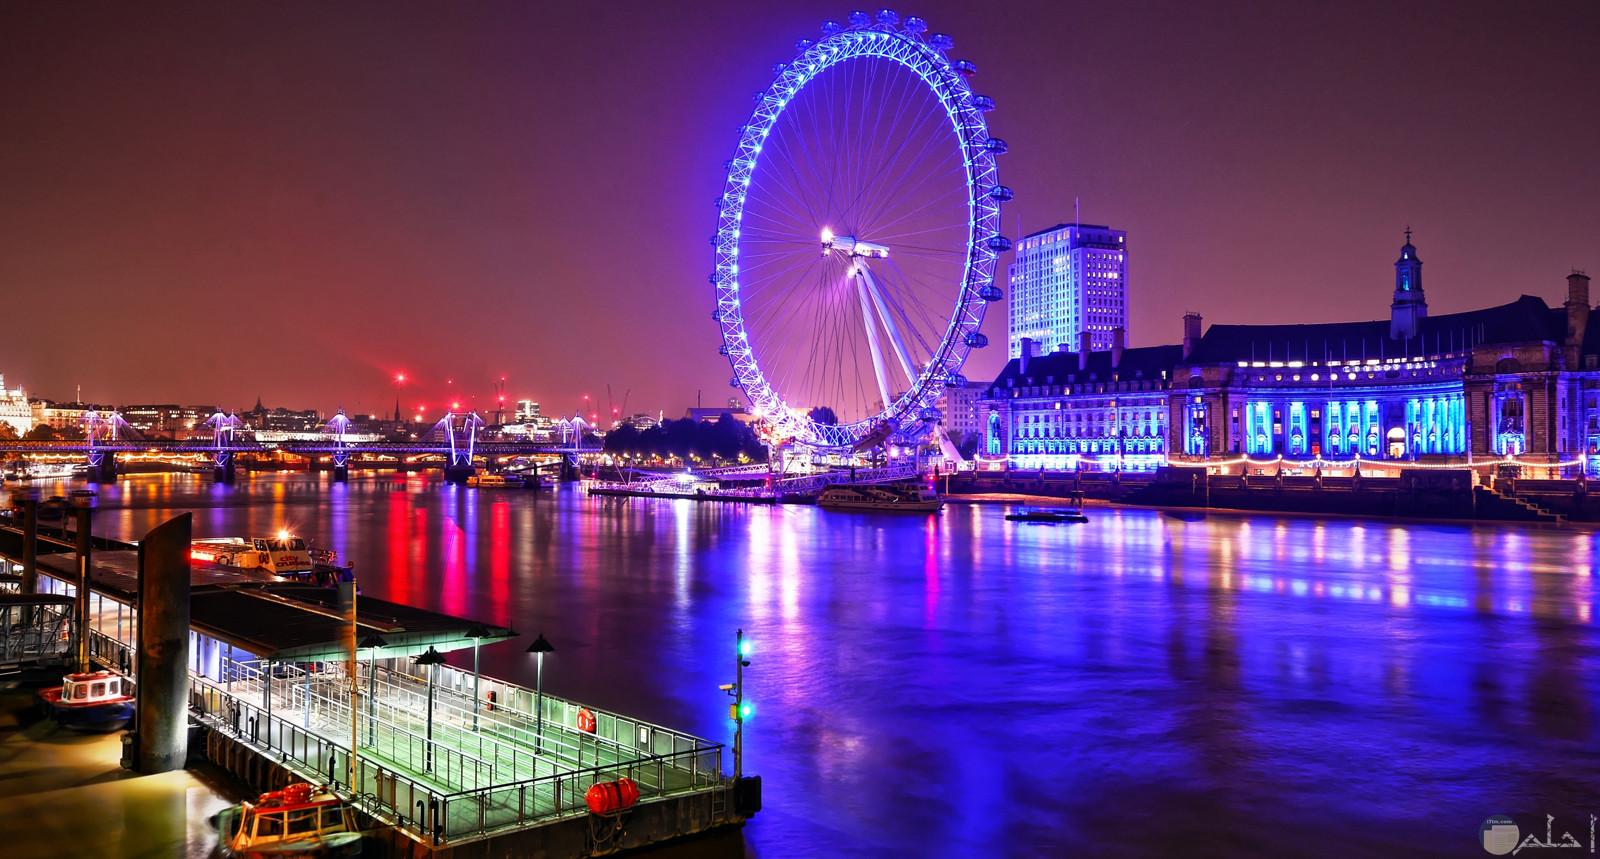 صورة جميلة للعجلة العملاقة عين لندن وهي معلم سياحي مشهور في بريطانيا